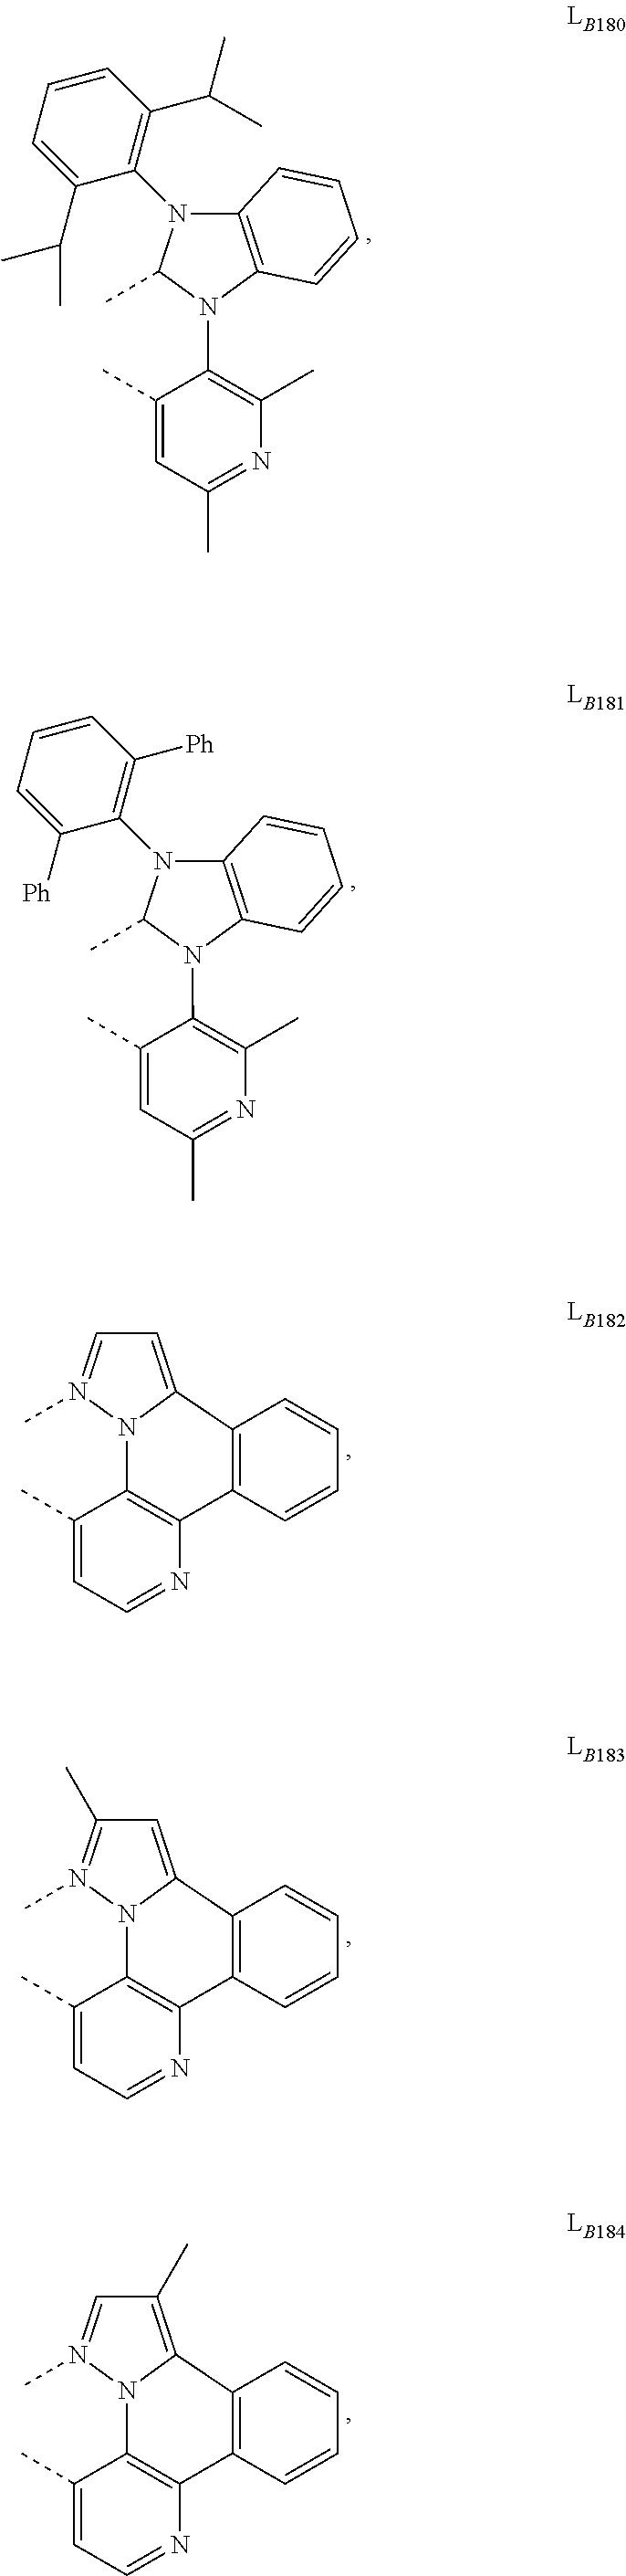 Figure US09905785-20180227-C00145